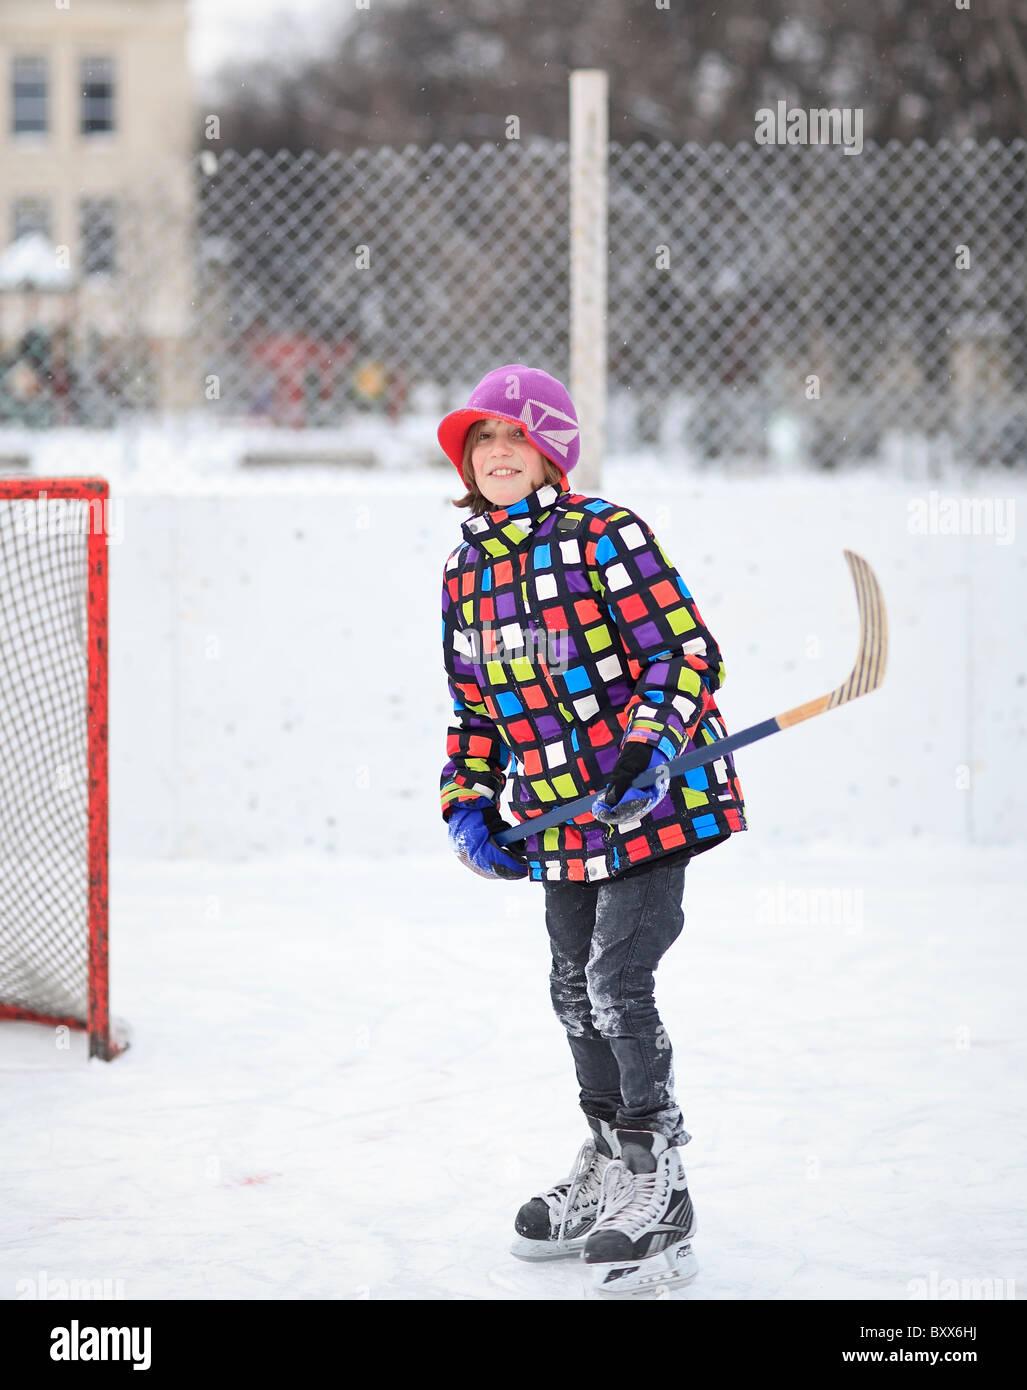 Ragazzo giovane giocatore del hockey di ghiaccio su una pista di pattinaggio all'aperto. Winnipeg, Manitoba, Immagini Stock